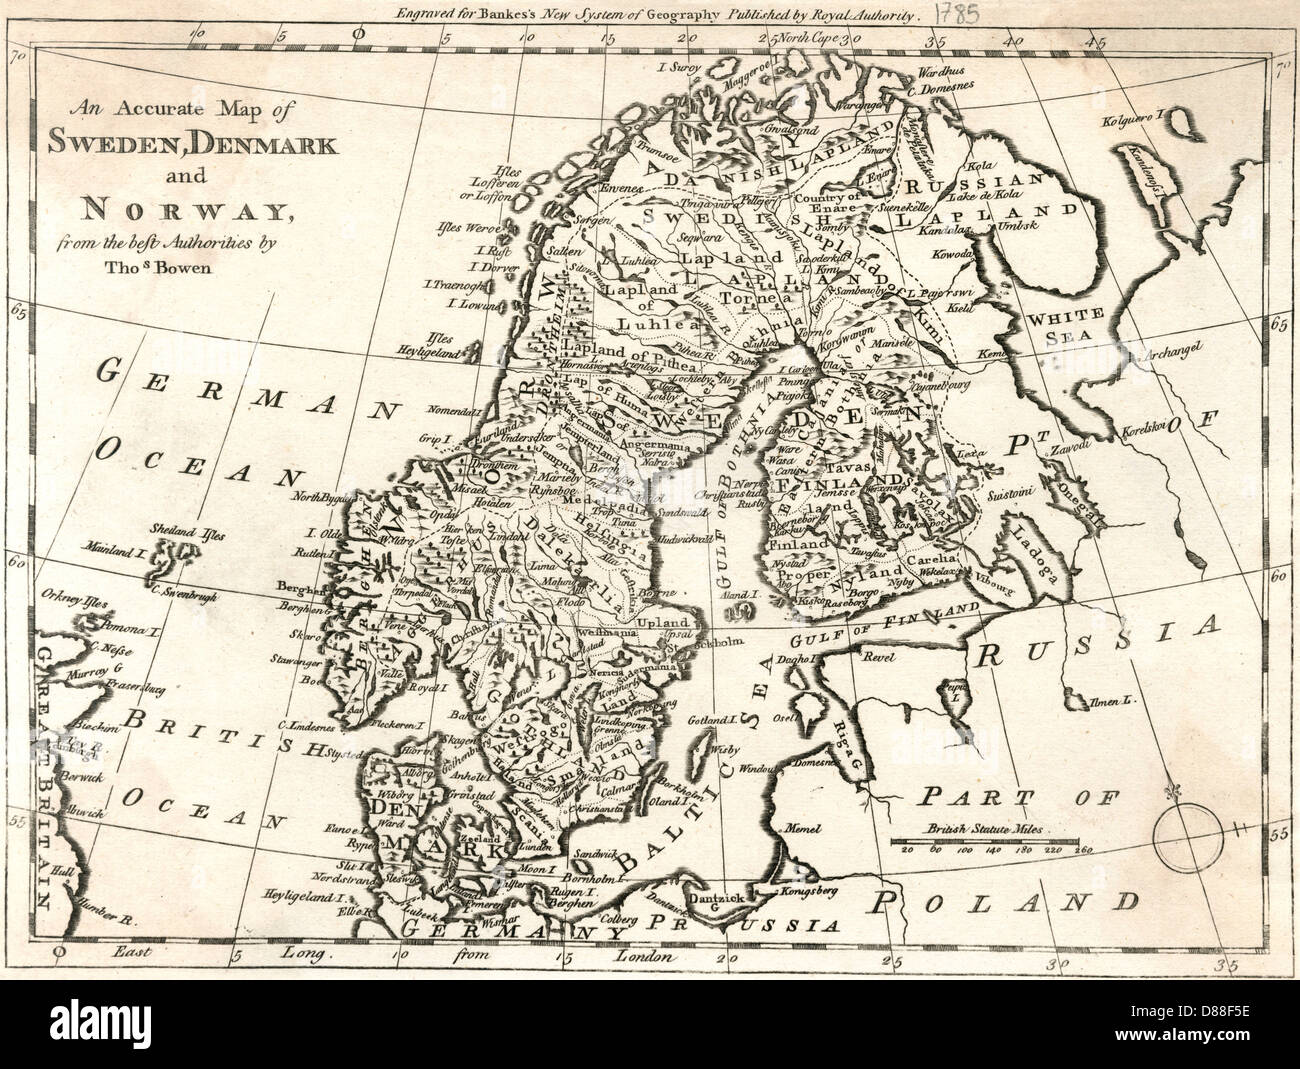 Scandinavia Map Stock Photos & Scandinavia Map Stock Images - Alamy